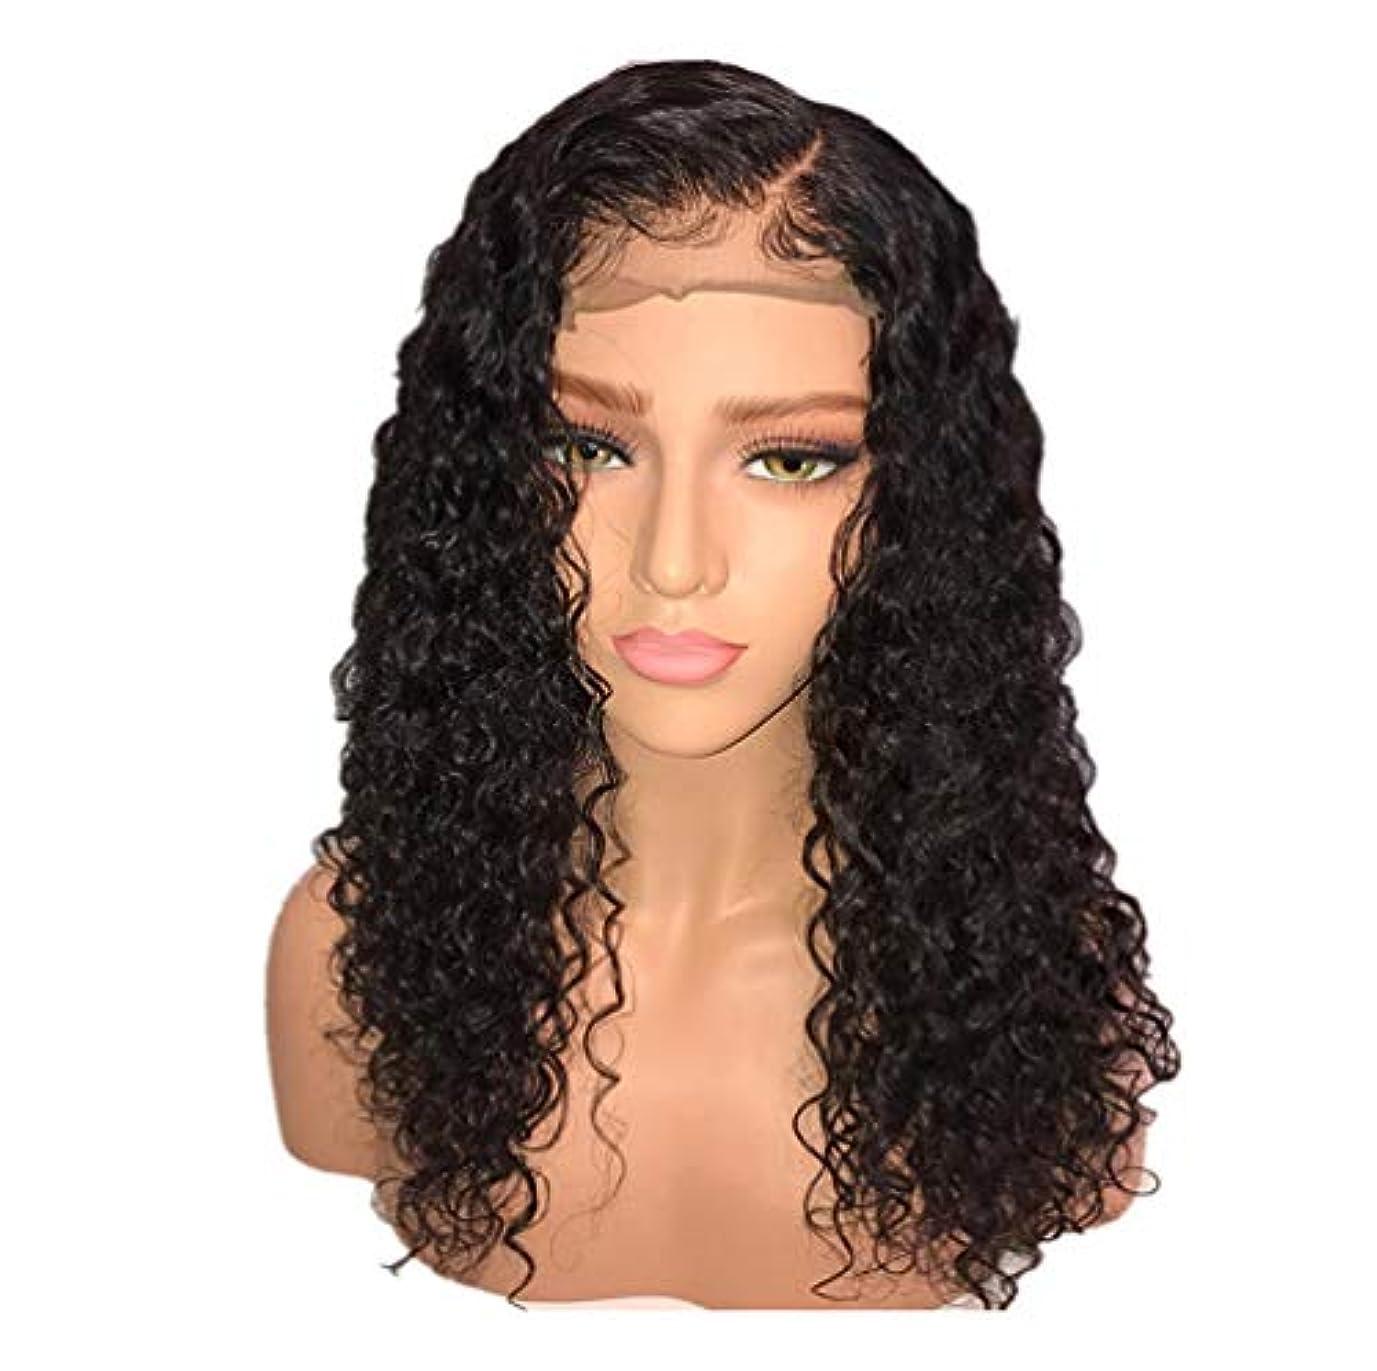 挑む理論的落胆させるかつら女性150%密度ブラジルロングヘアウィッグナチュラルウェーブカーリーレースフロントかつらベビーヘア付き